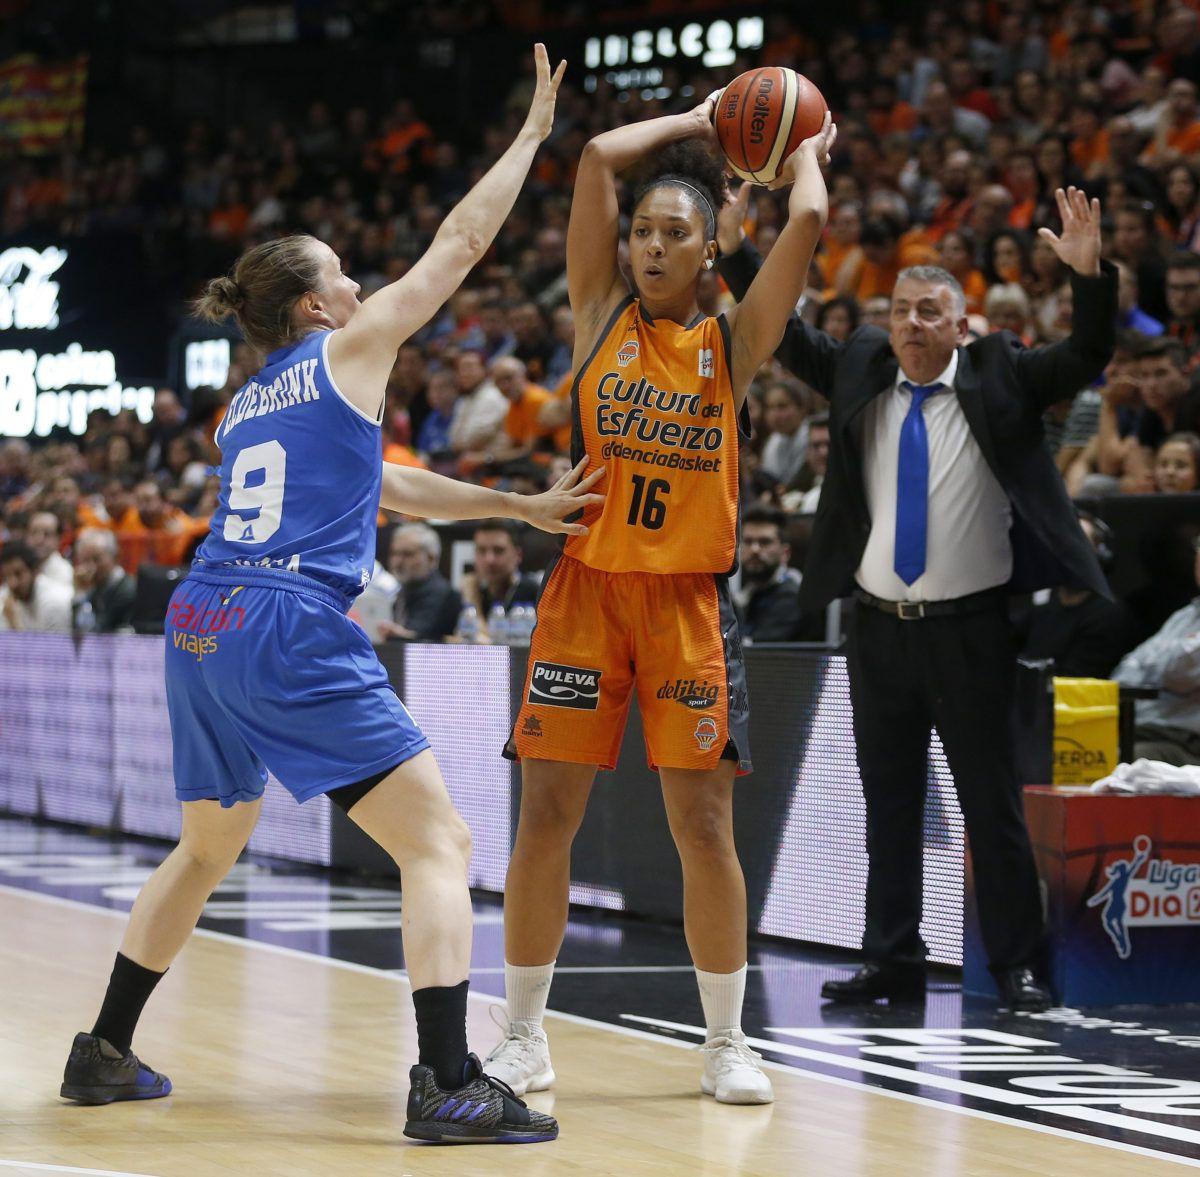 El Perfumerías domina al Valencia Basket (54-74)